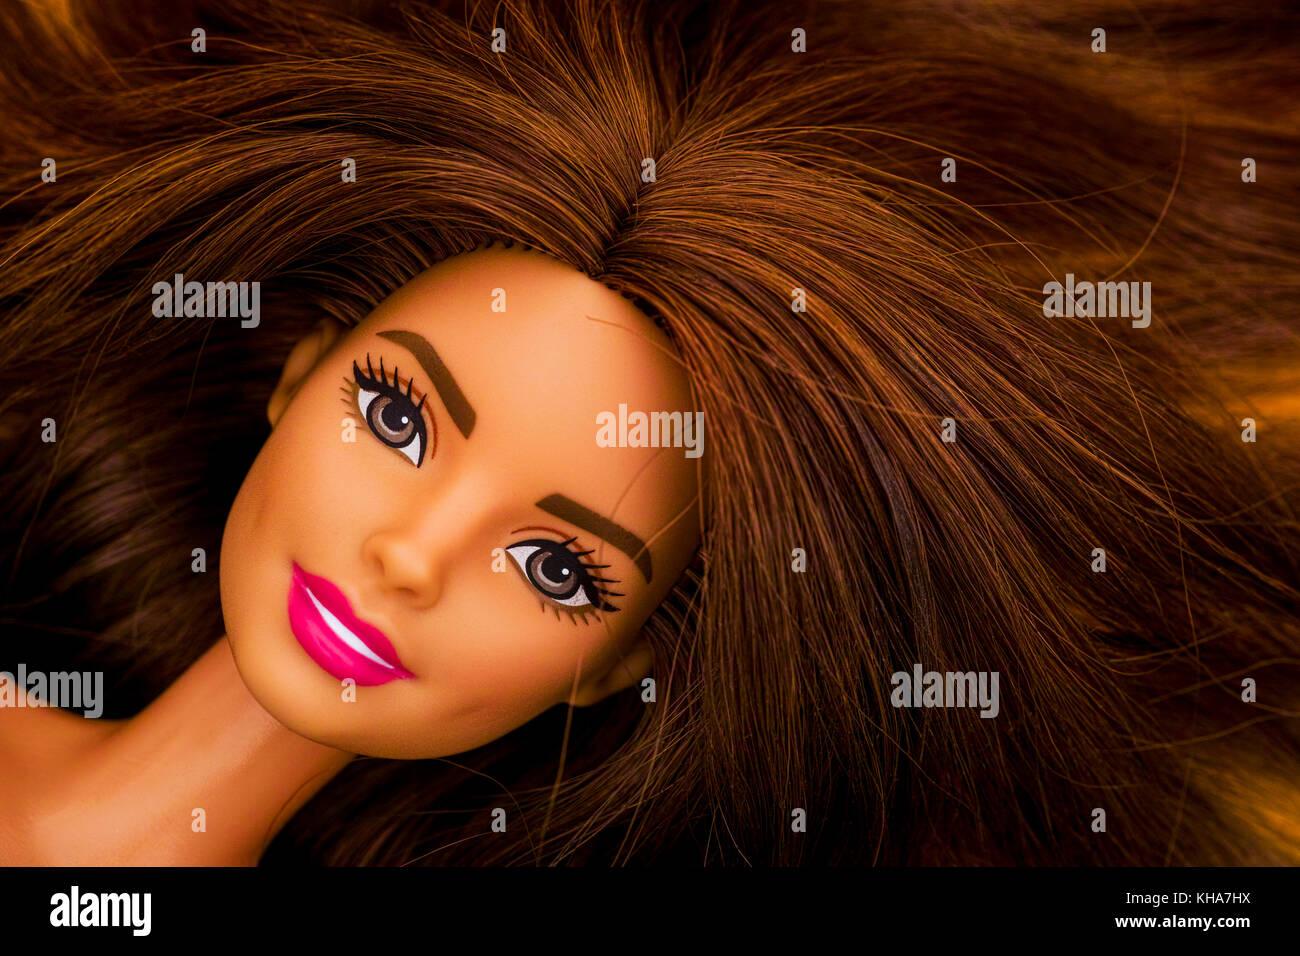 Tambow Russland 28 September 2017 Portrait Von Barbie Puppe Mit